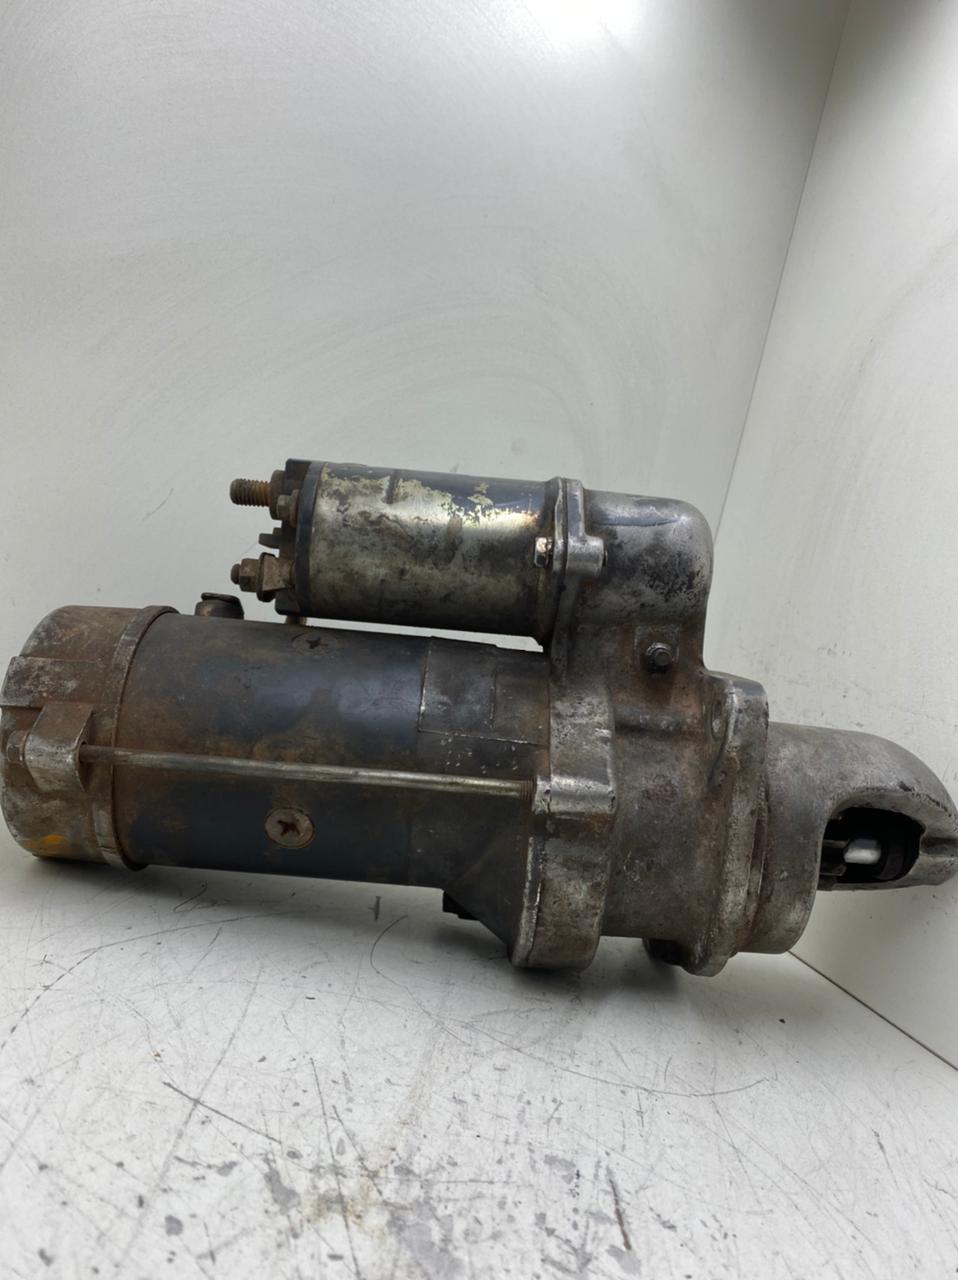 Motor de Partida Arranque FORD F12000 28MT 12V 10D 20691 8028013 104614474 10461474 10479634 F7HT11001AC F7HZ11002AB 6603 140920A